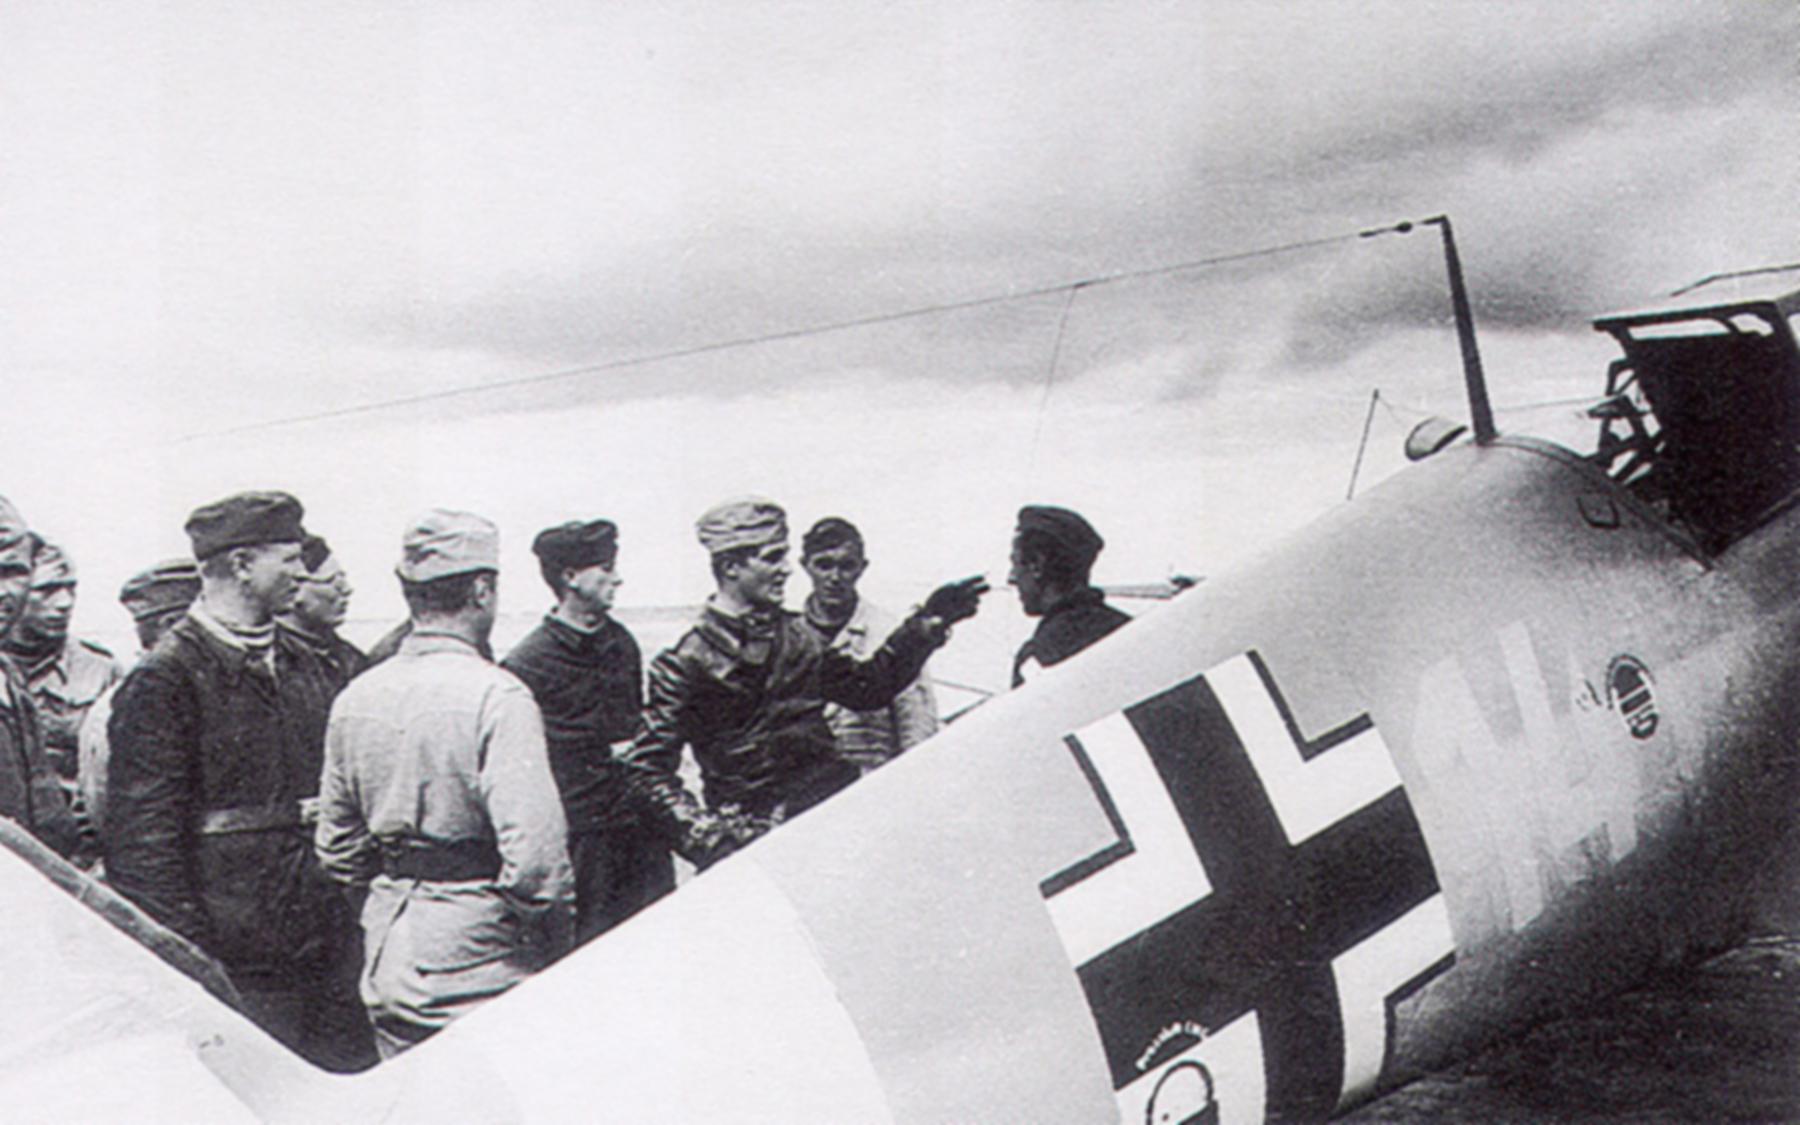 Messerschmitt Bf 109F4Trop 3.JG27 Yellow 14 Hans Joachim Marseille Martuba 1942 02